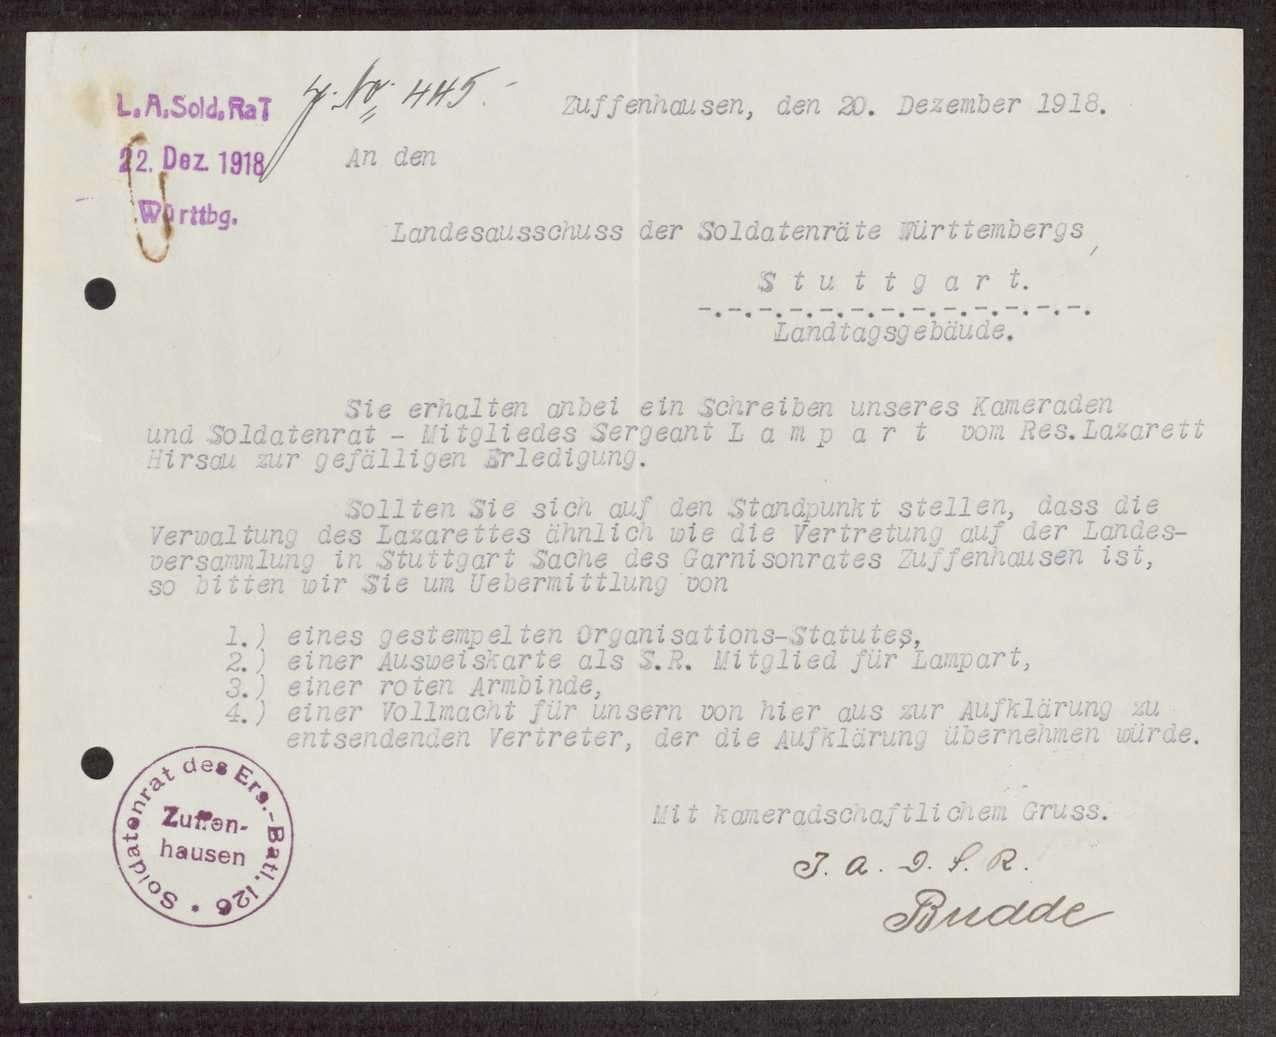 Garnisonsrat Zuffenhausen: Unterstellung von Hirsau, Wahl und Zusammensetzung, Aufhebung, Bild 1